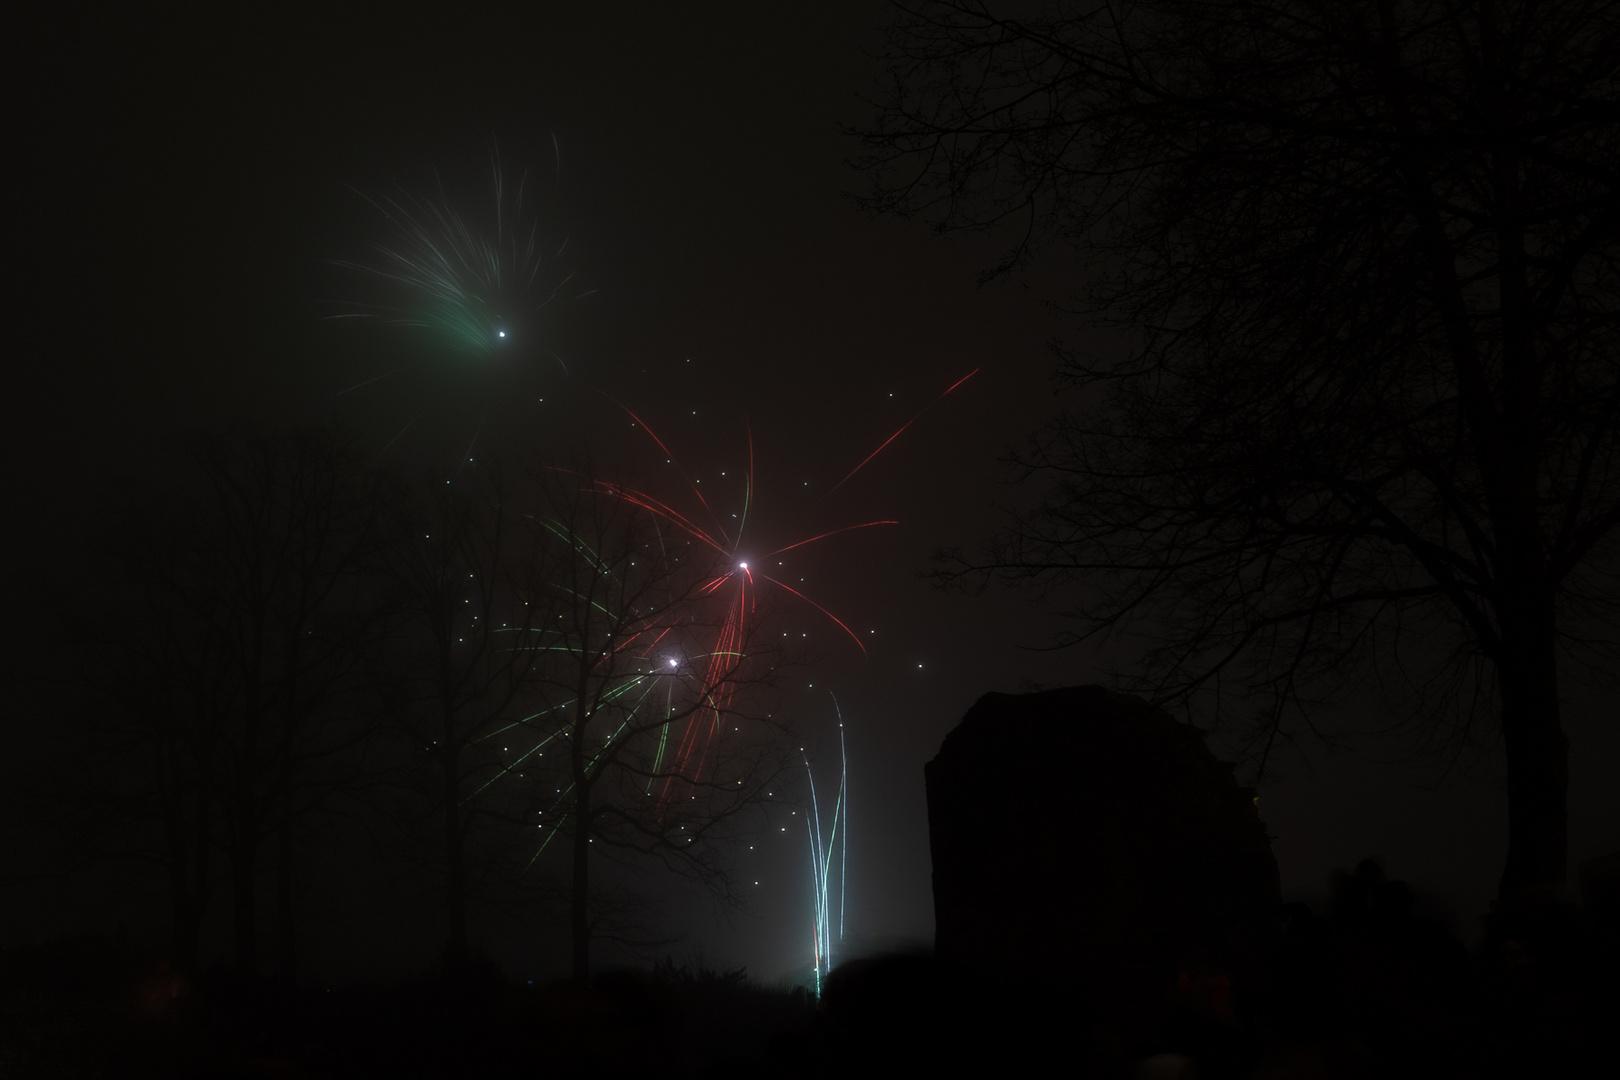 Feuerwerk im Nebel II